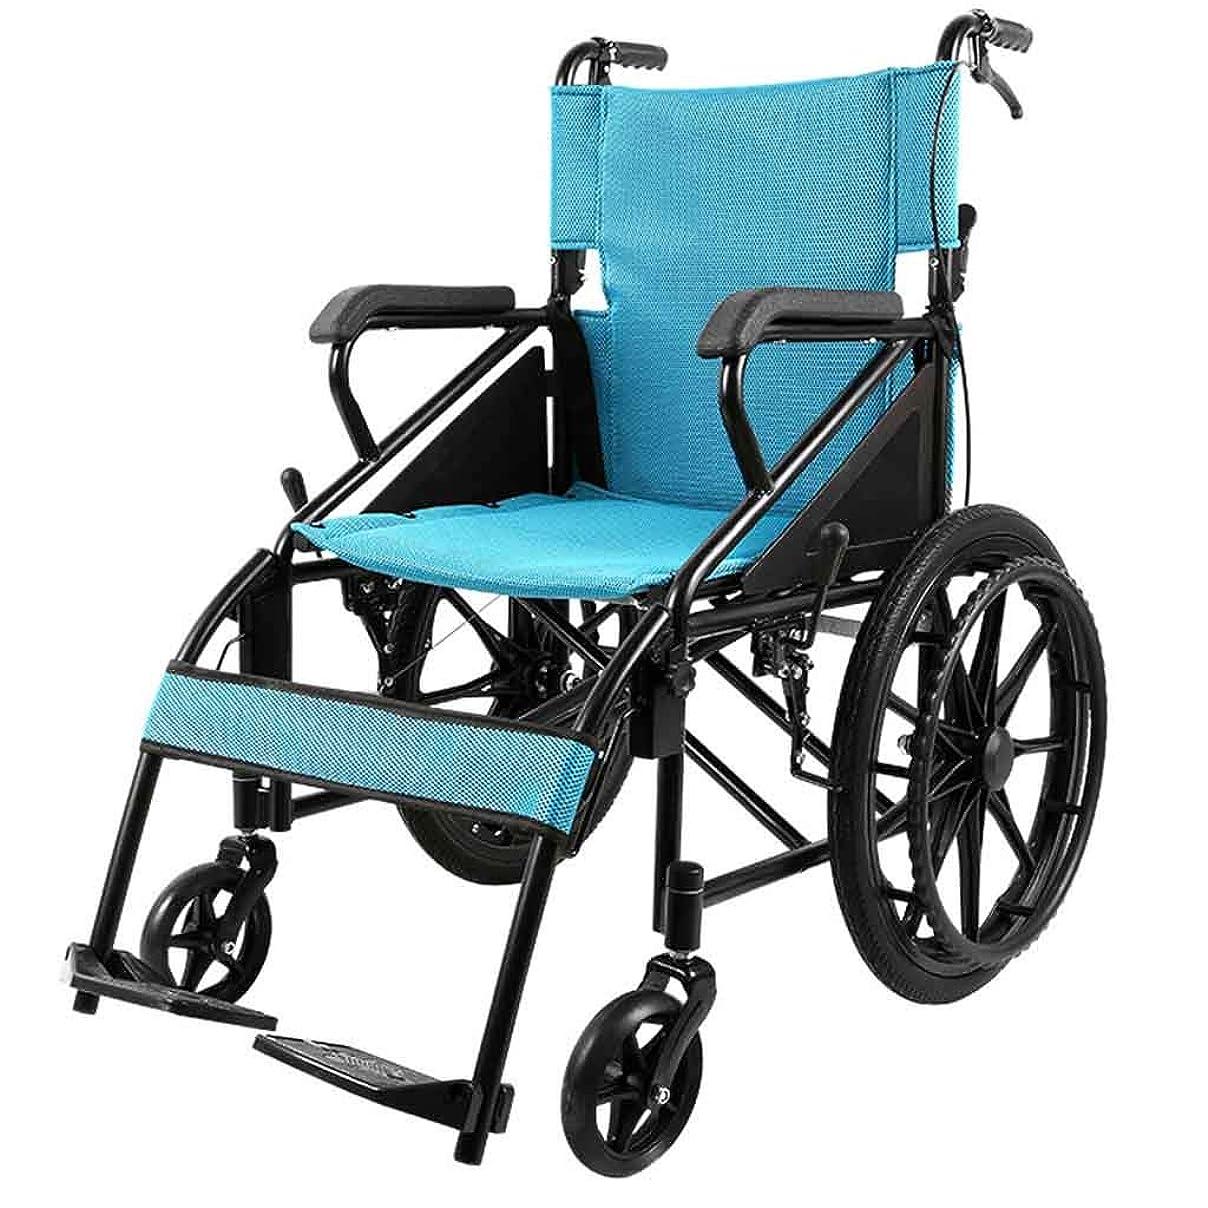 誘導長椅子終点携帯用折り畳み式車椅子、ロッキングハンドブレーキ付き軽量運搬用チェア、自走式車椅子4輪およびスイングアウェイフットレスト